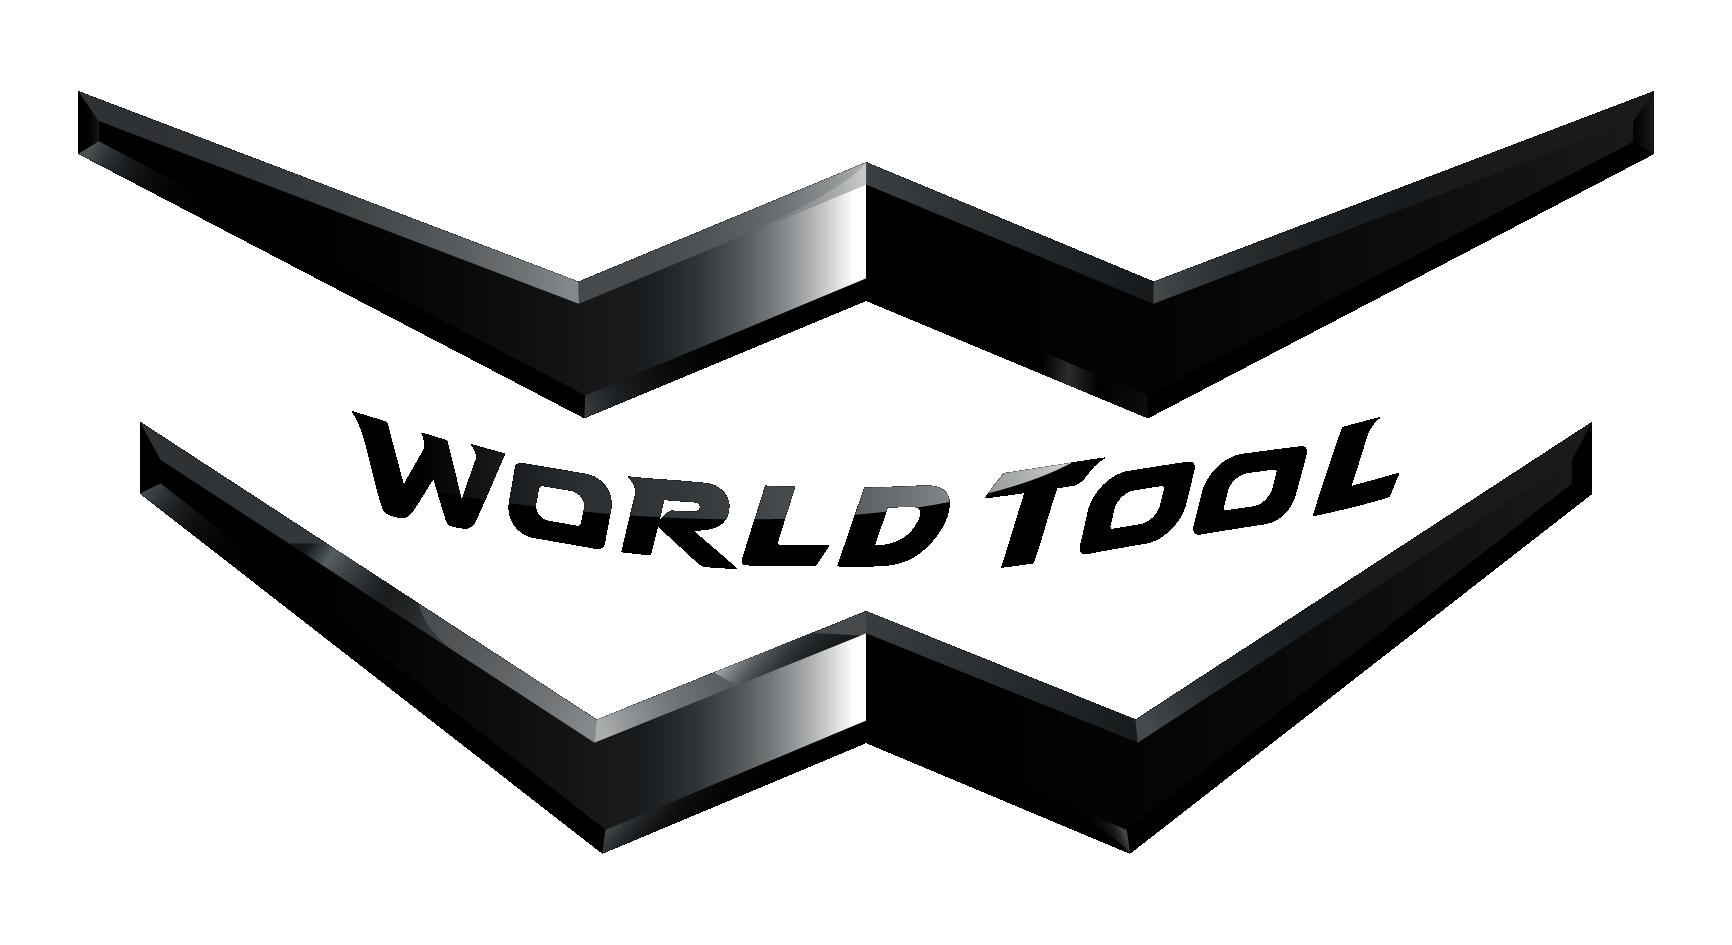 製造/メーカーと立体的と黒のロゴ